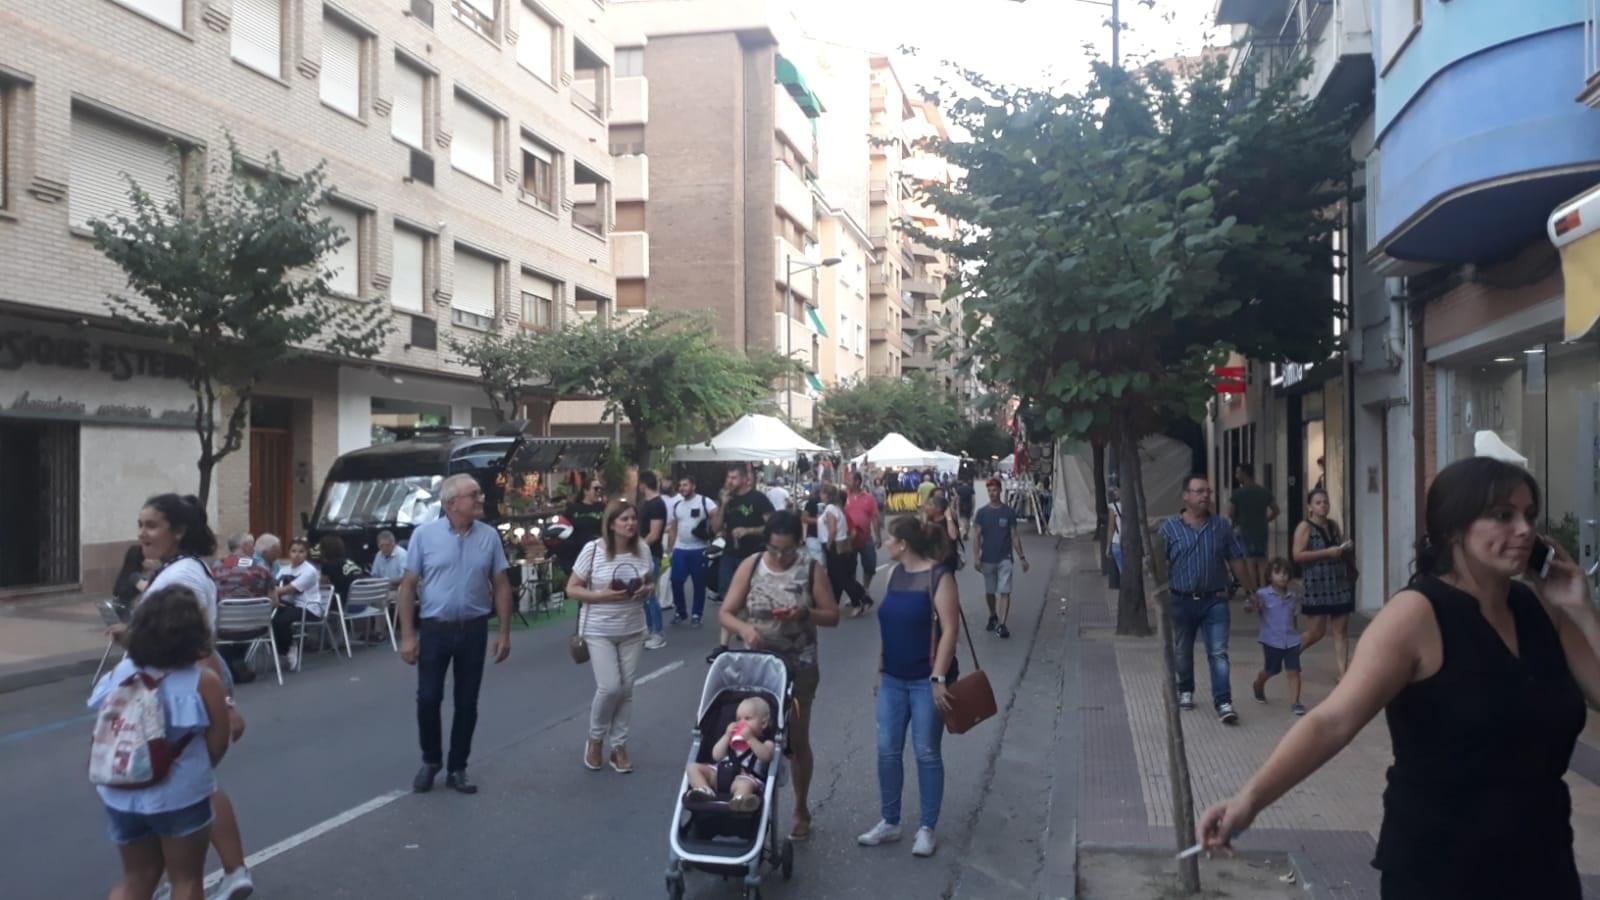 La avenida Aragón se ha llenado de ambiente ya el viernes por la tarde. JAVIER DE LUNA